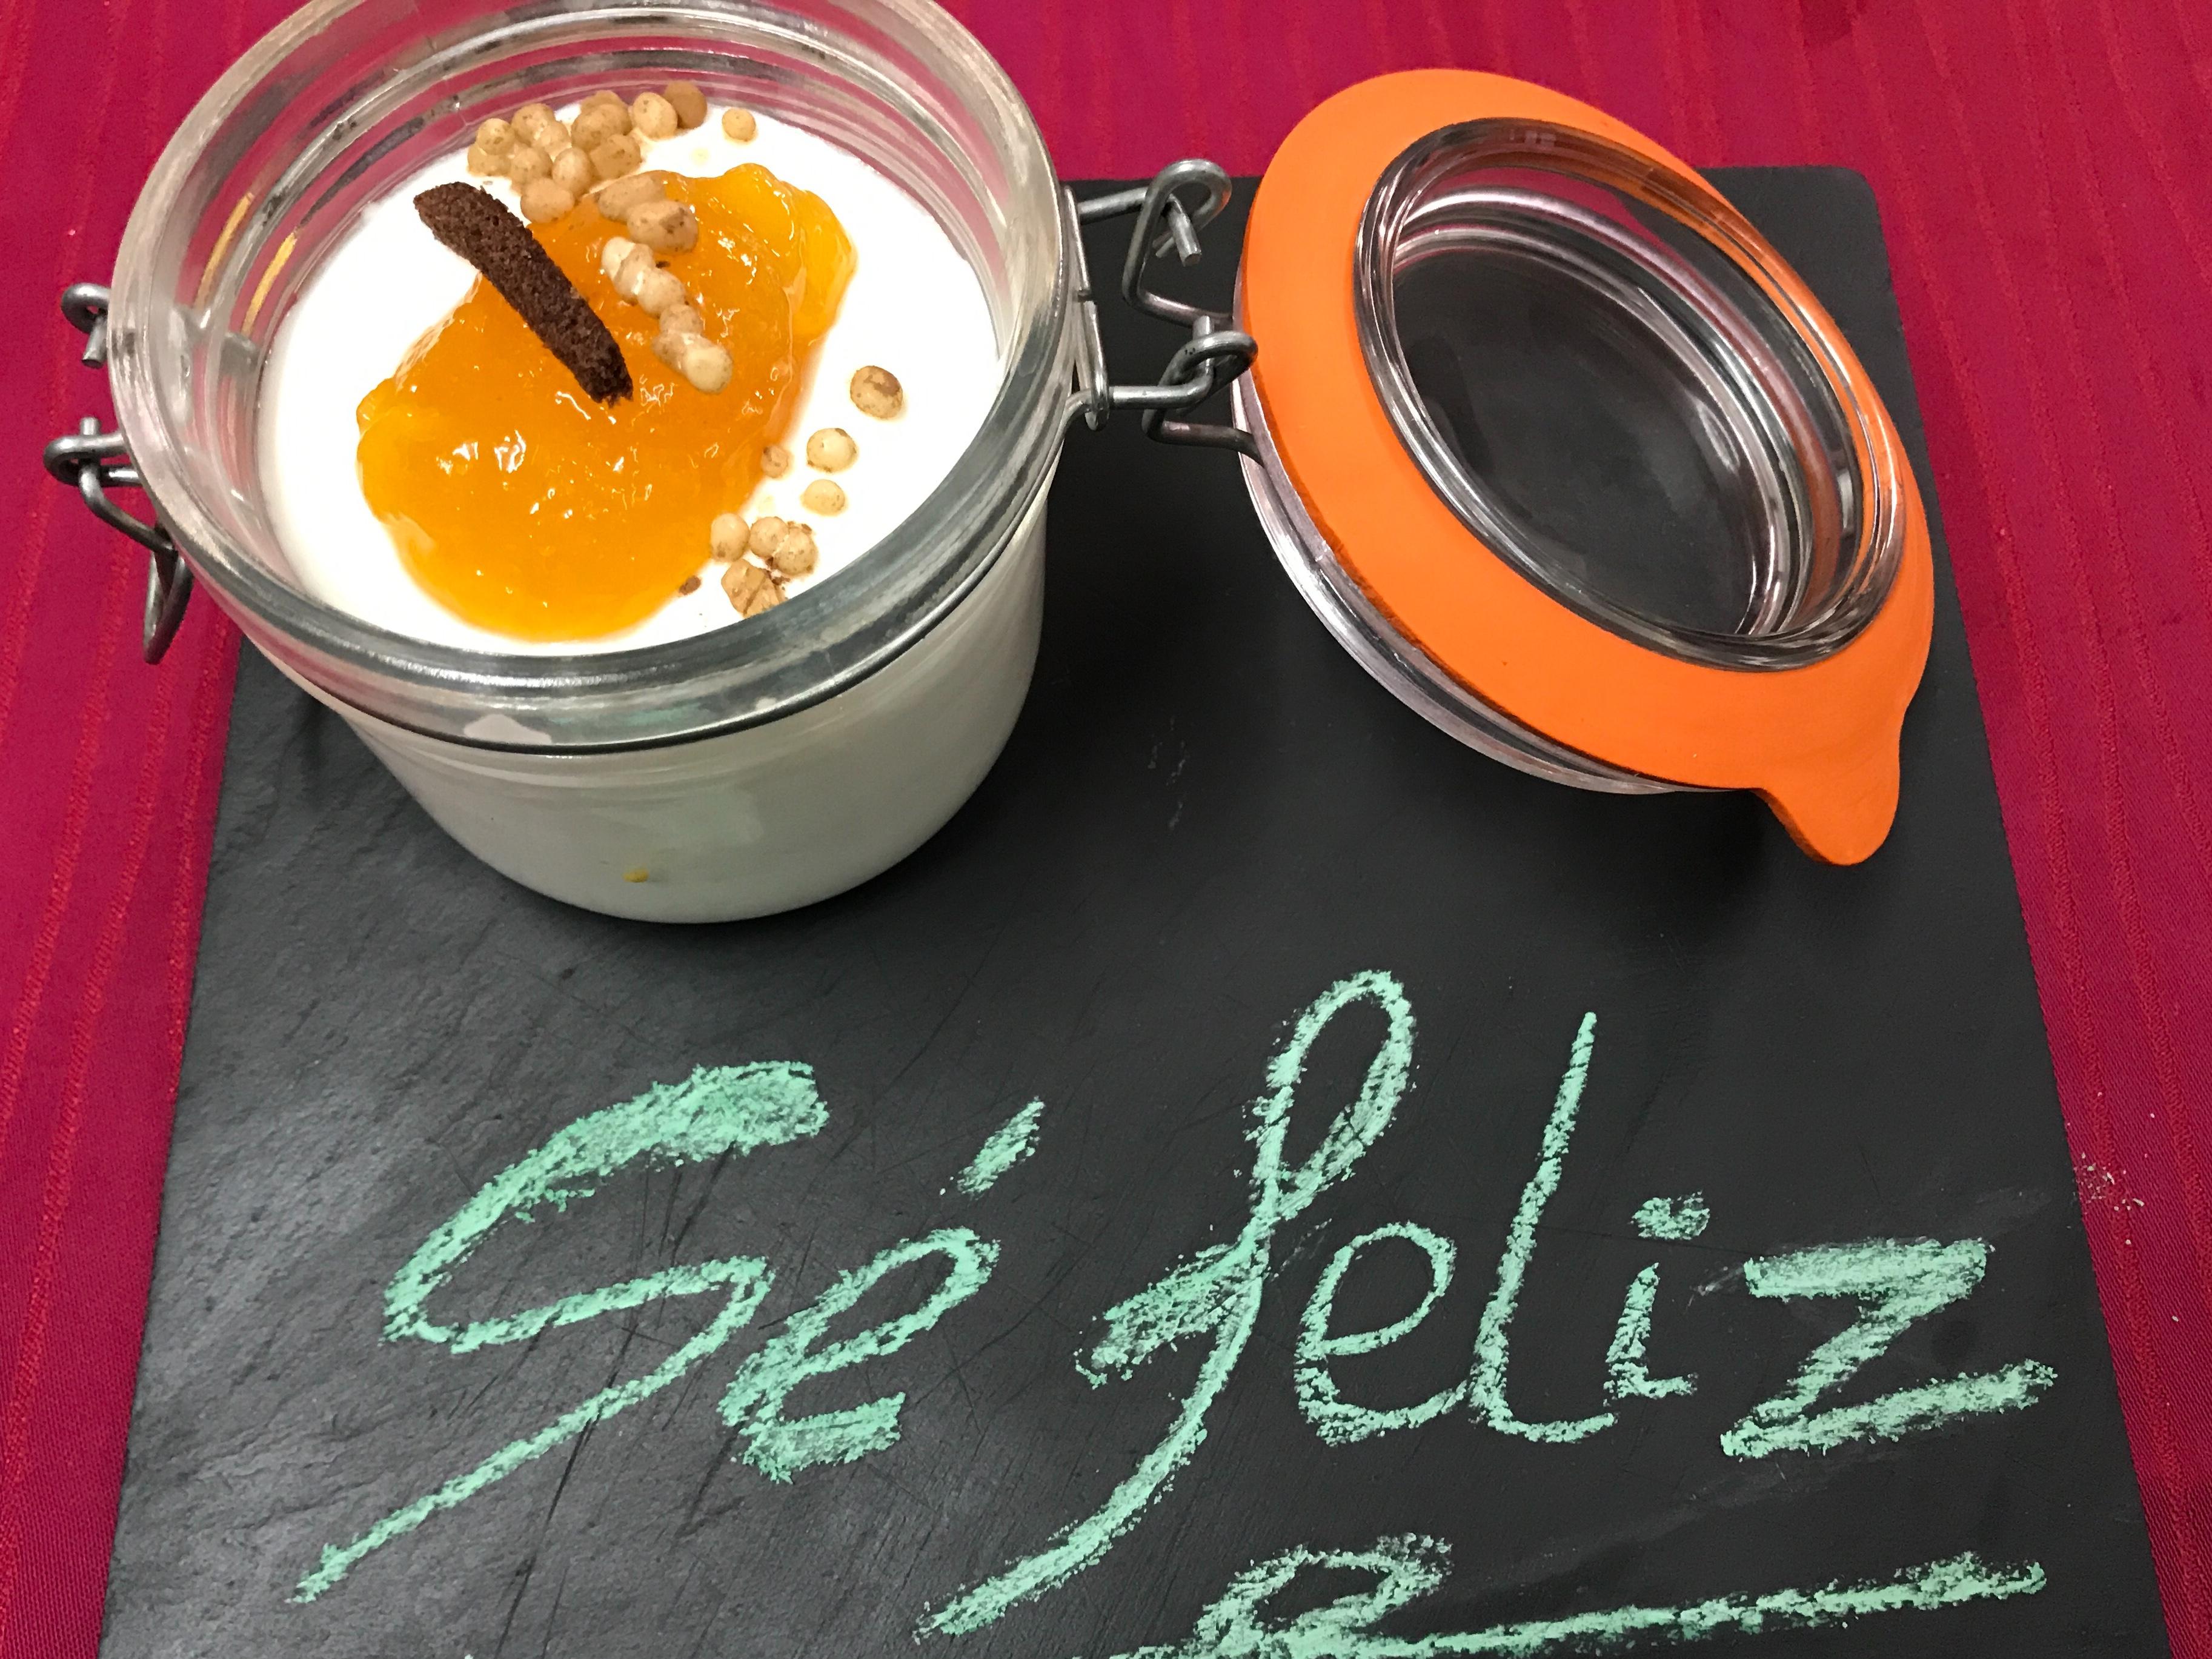 Mousse de yogurt en lecherita de confitura de melocotón